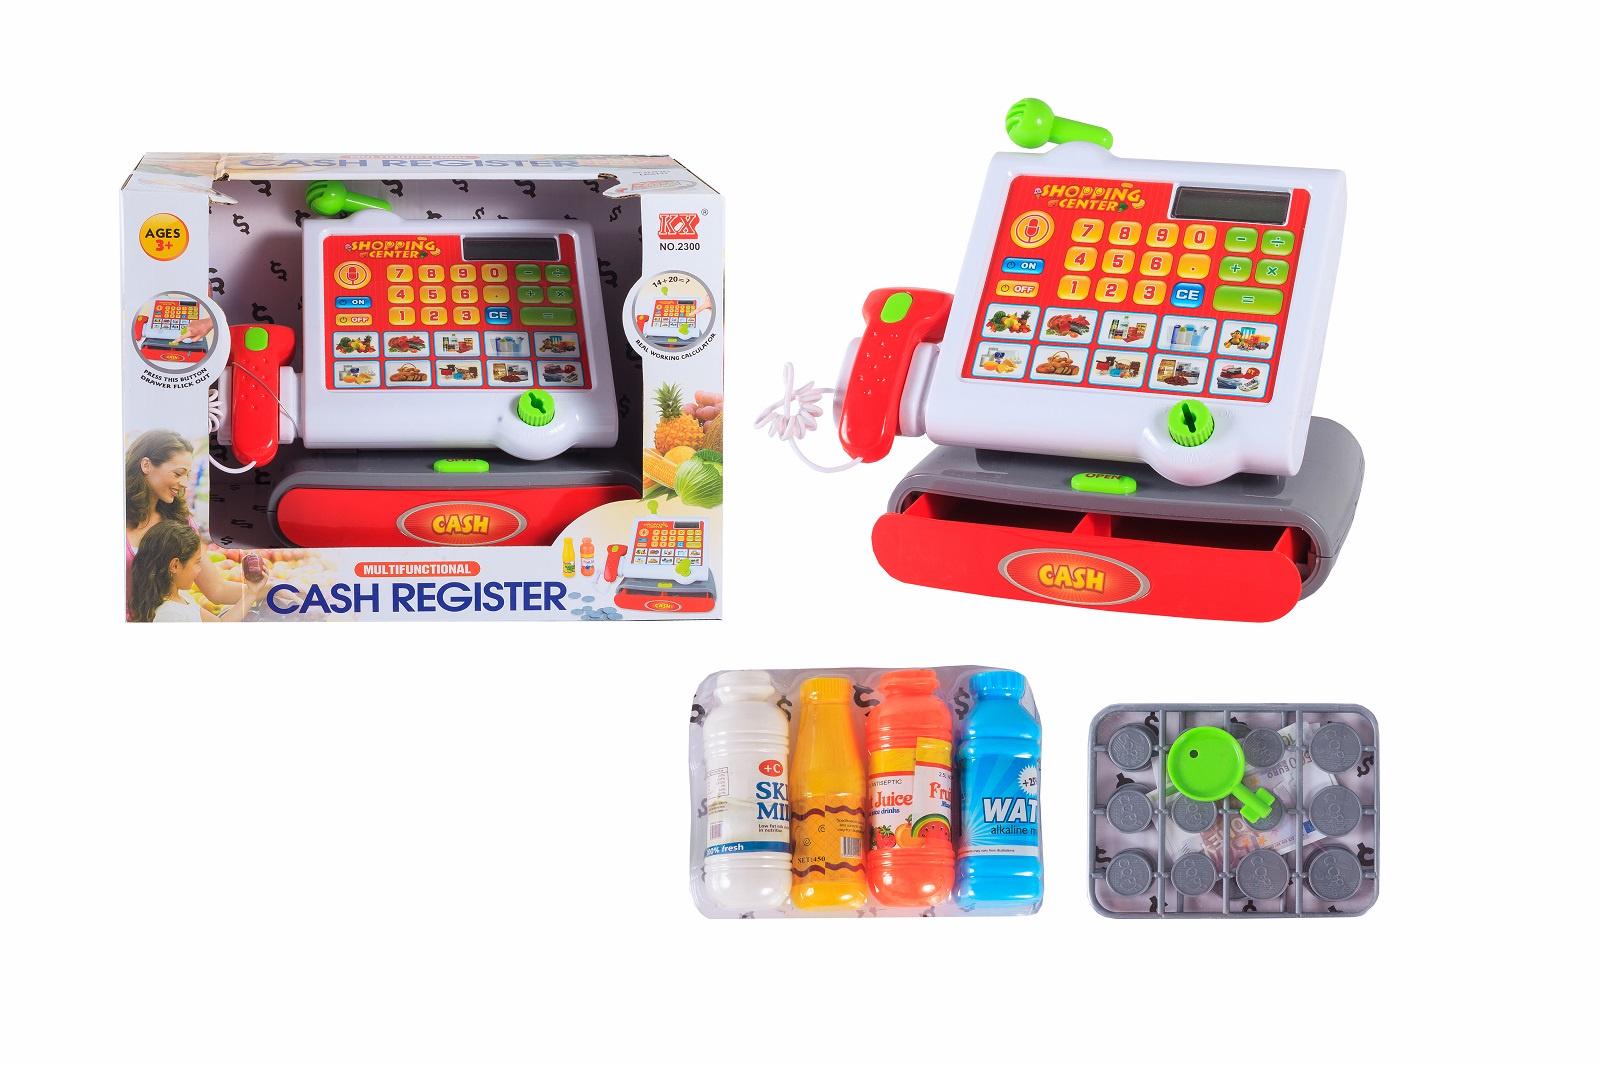 Игрушка S+S Toys Касса, 200074939 игровой набор s s toys мельница пингвин eq80019r не разлей вода